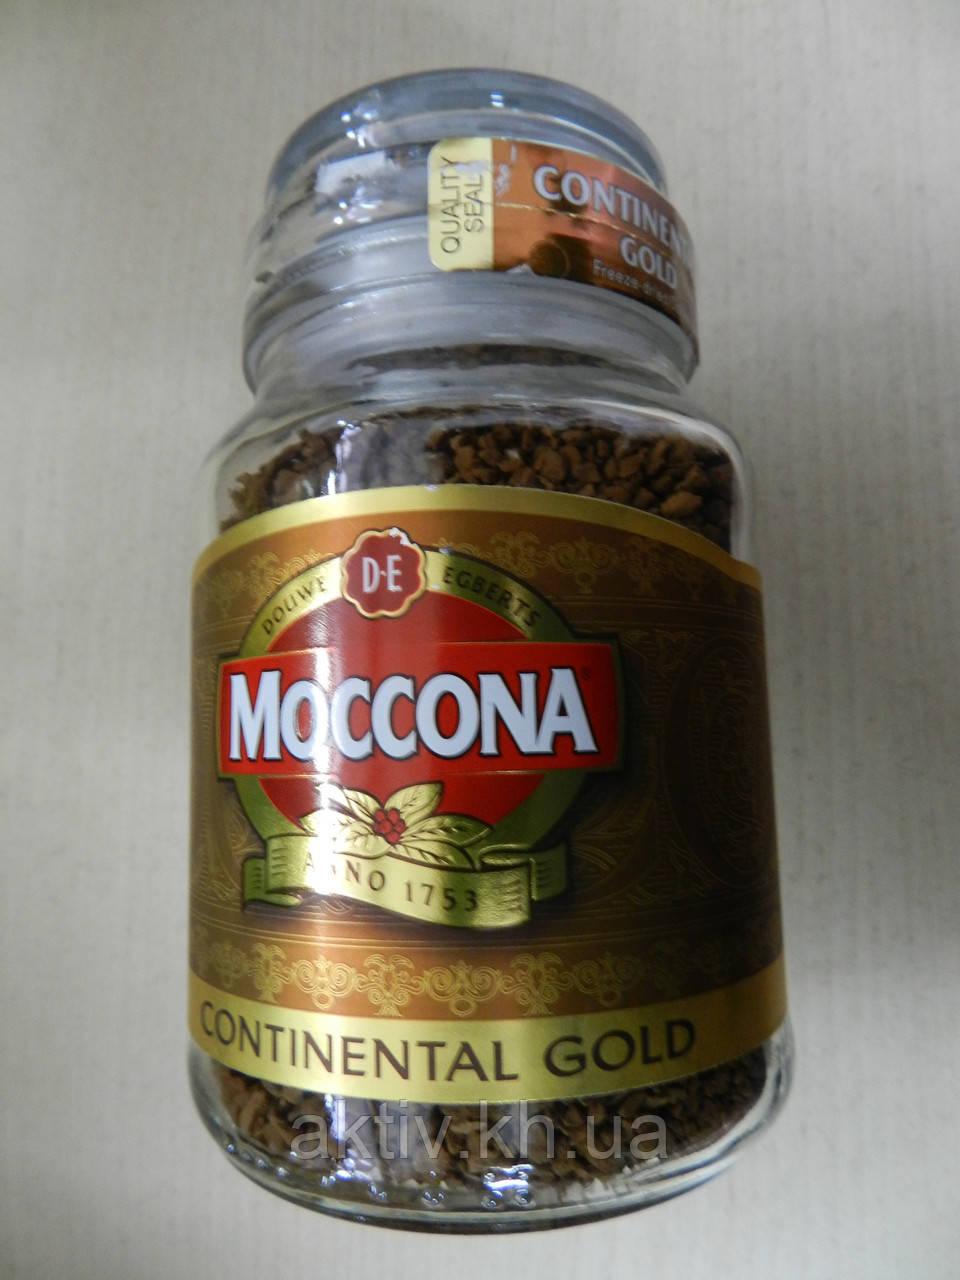 Кофе Моккона континенталь голд 95 грамм